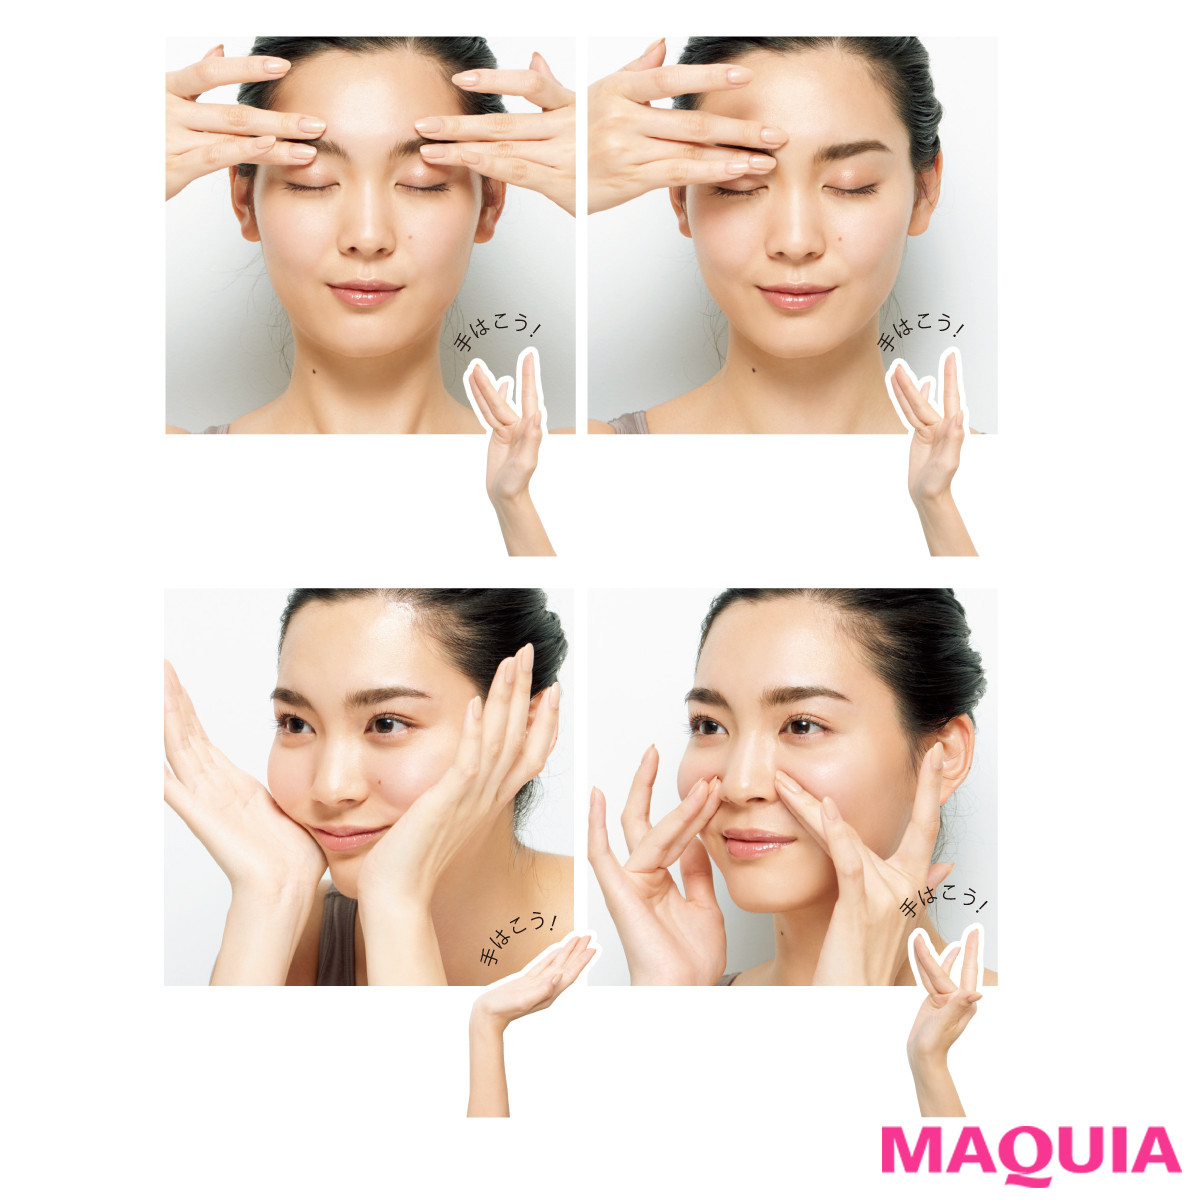 最新研究で明らかに! 美肌にはちょっとの圧とストレスが必要って知ってた?